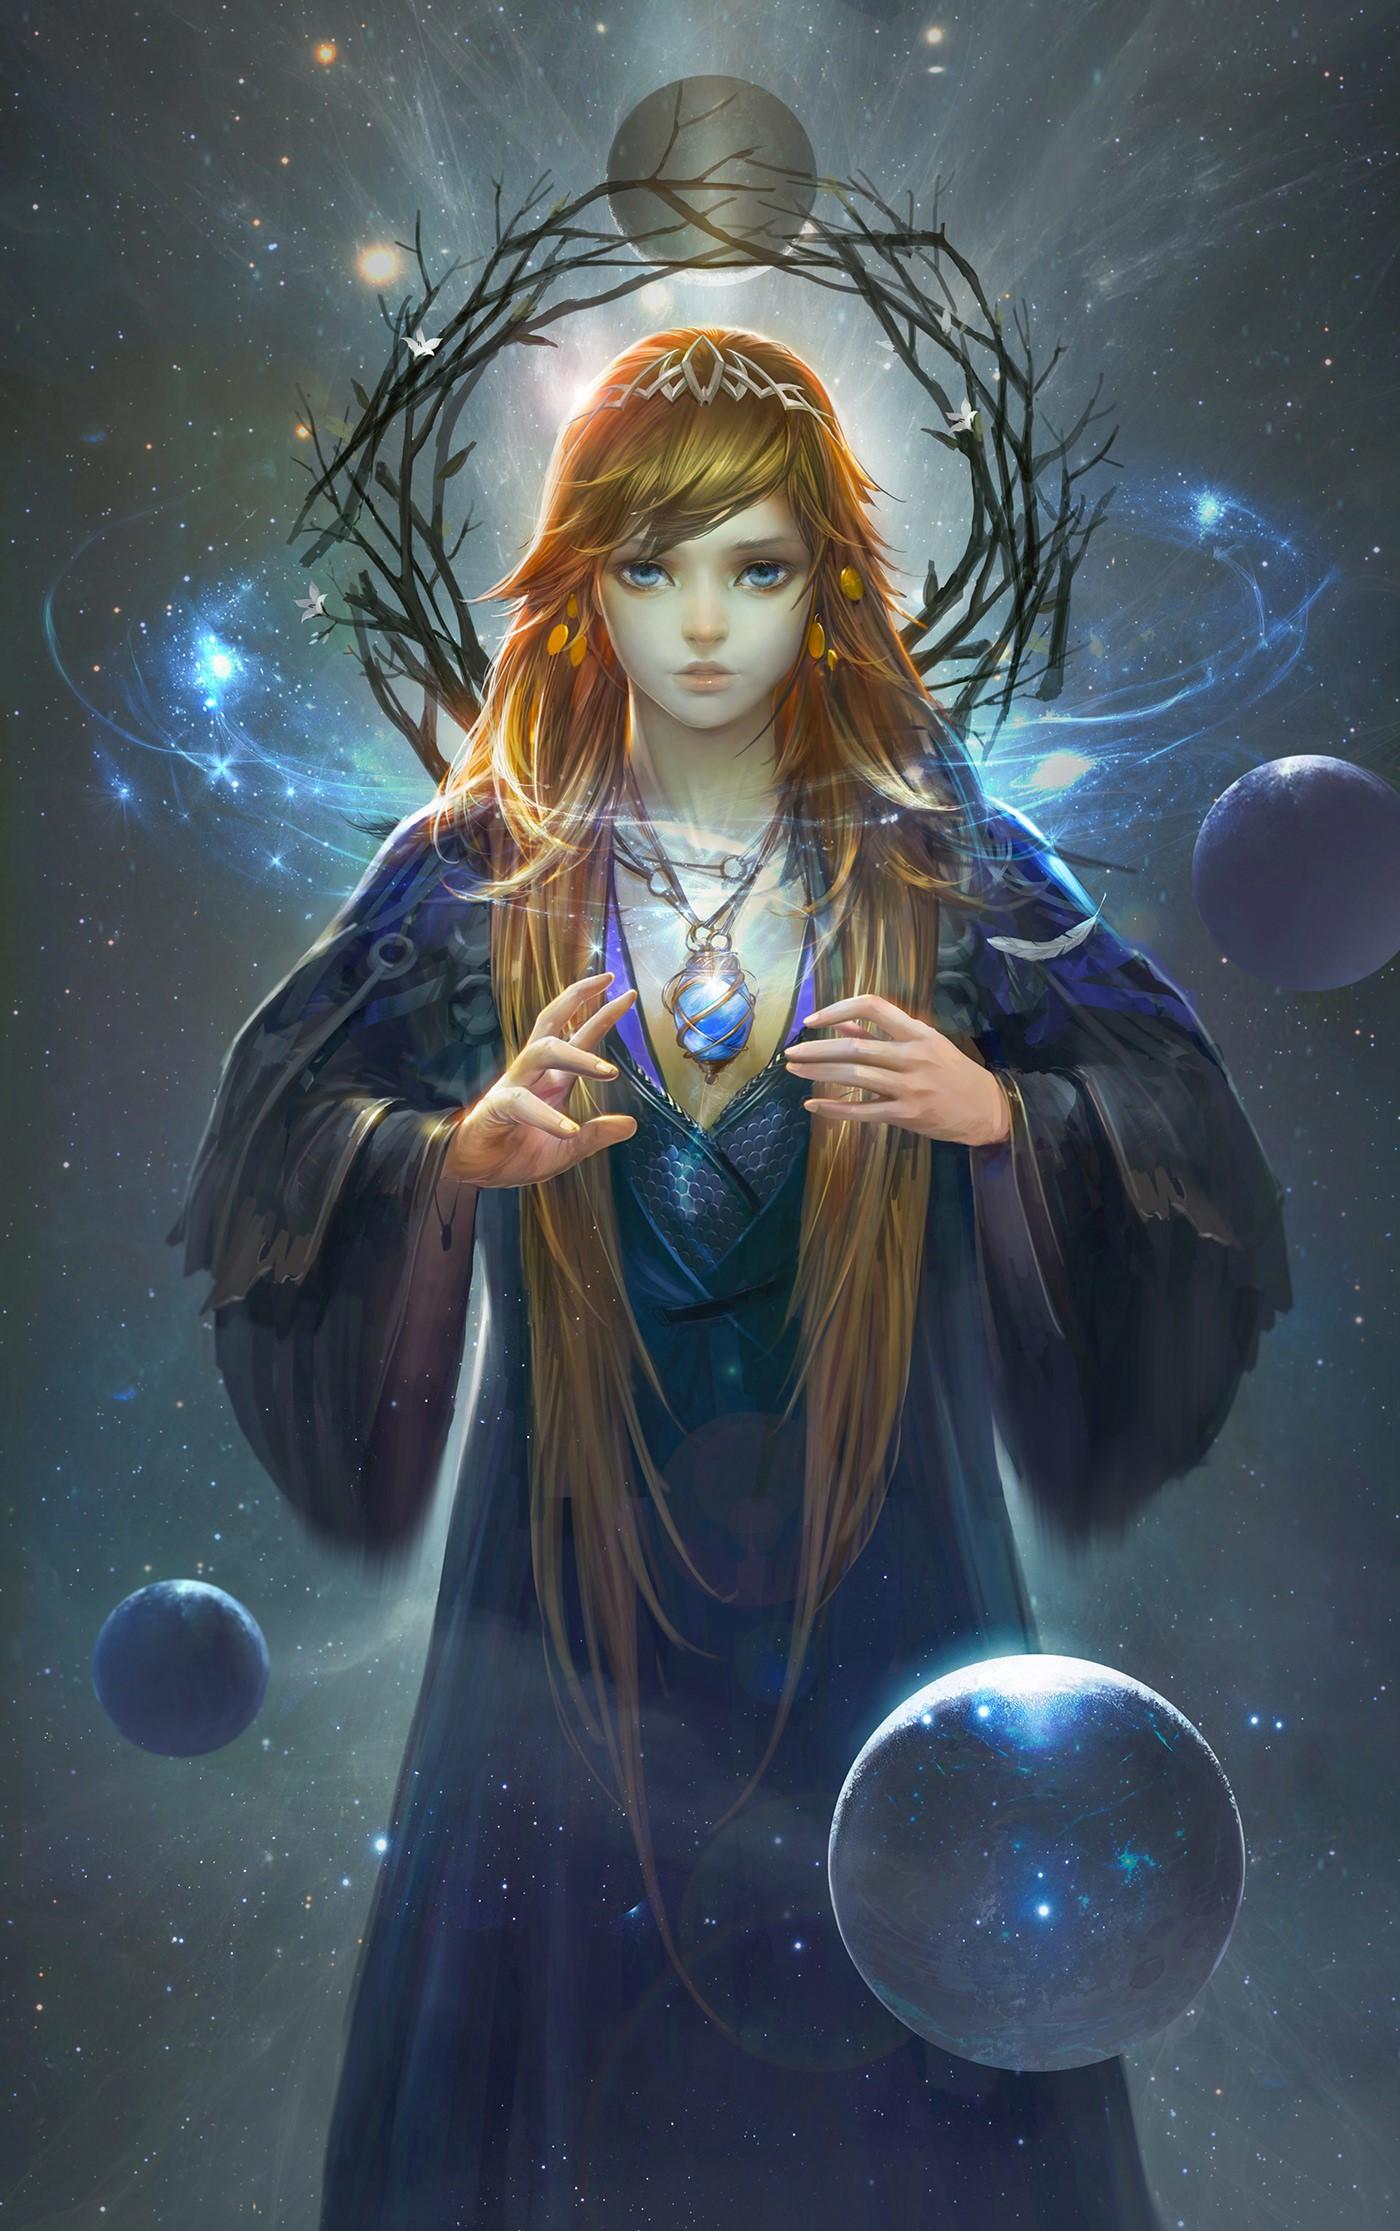 Фото Девушка - волшебница с украшением на шее, by taiwei bi